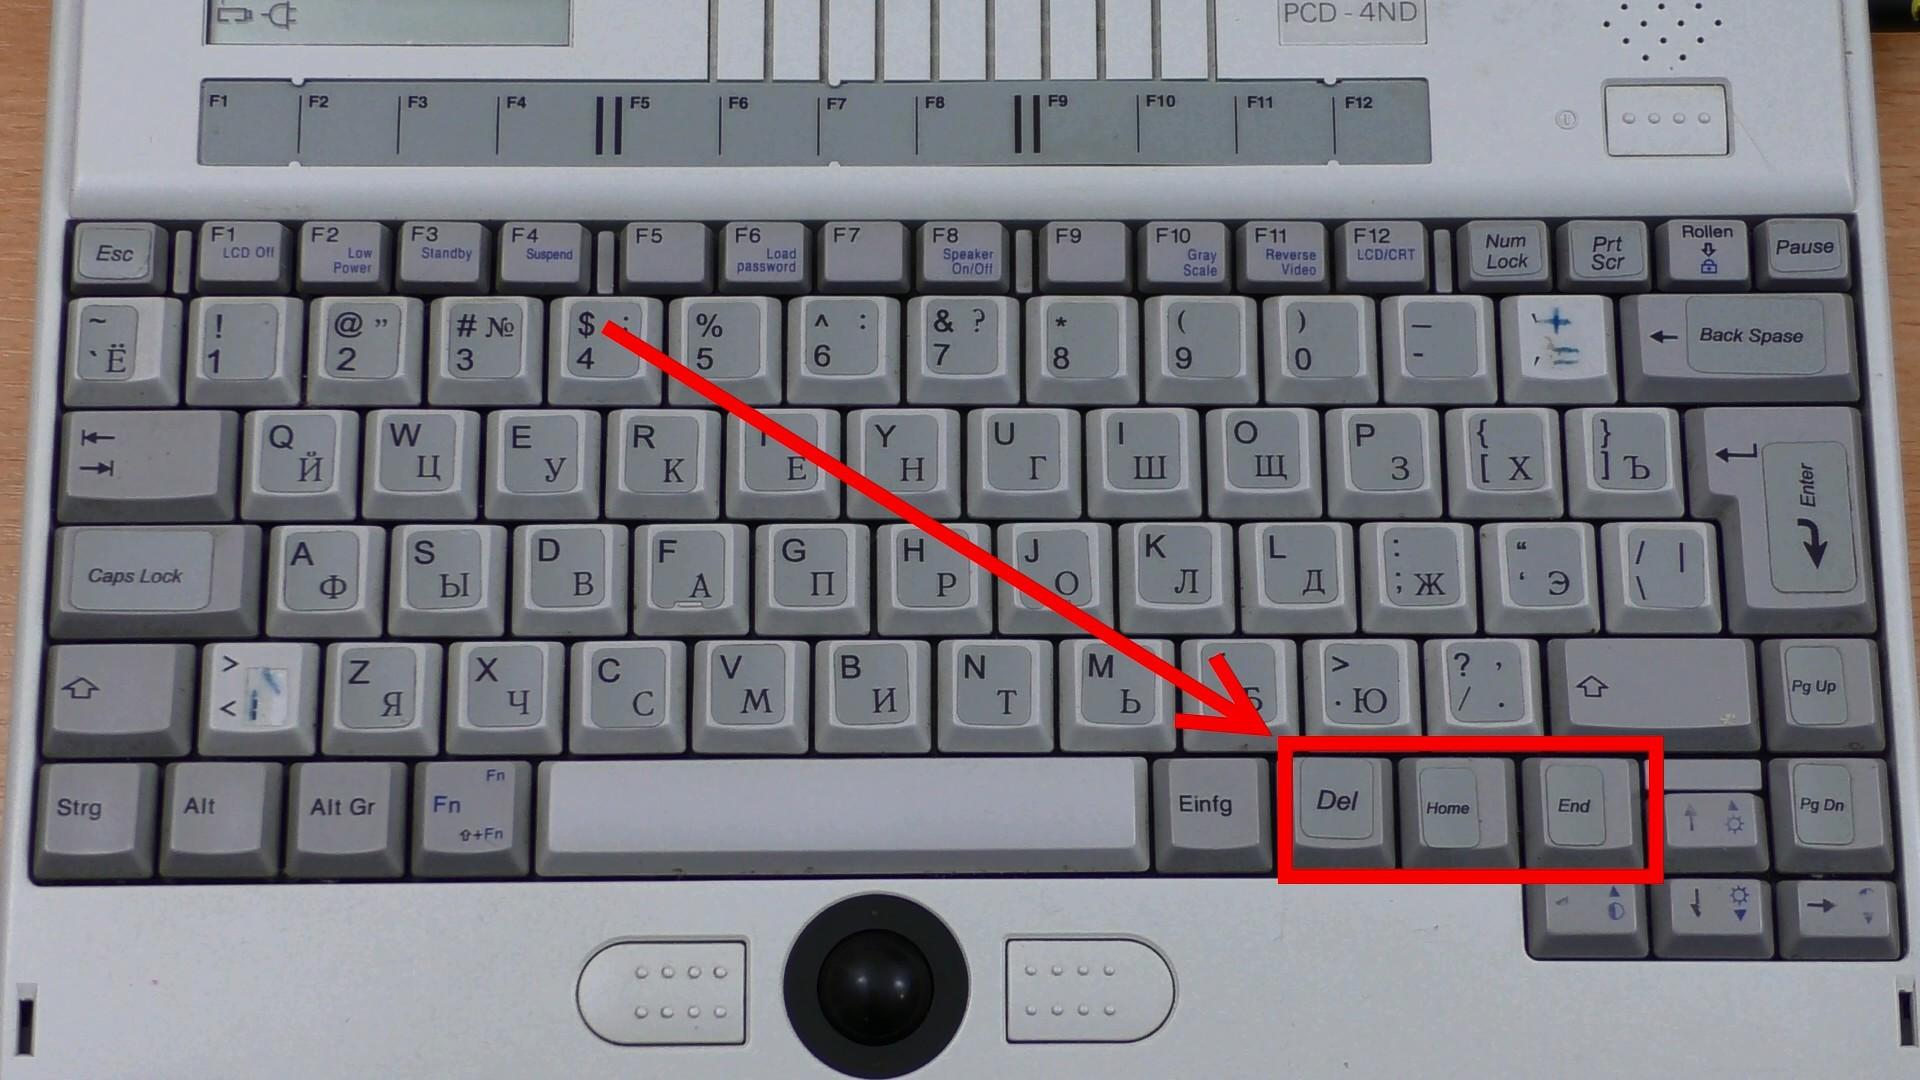 Мощь 80486 на Siemens Nixdorf PCD-4ND (текст и видео — на выбор) - 20